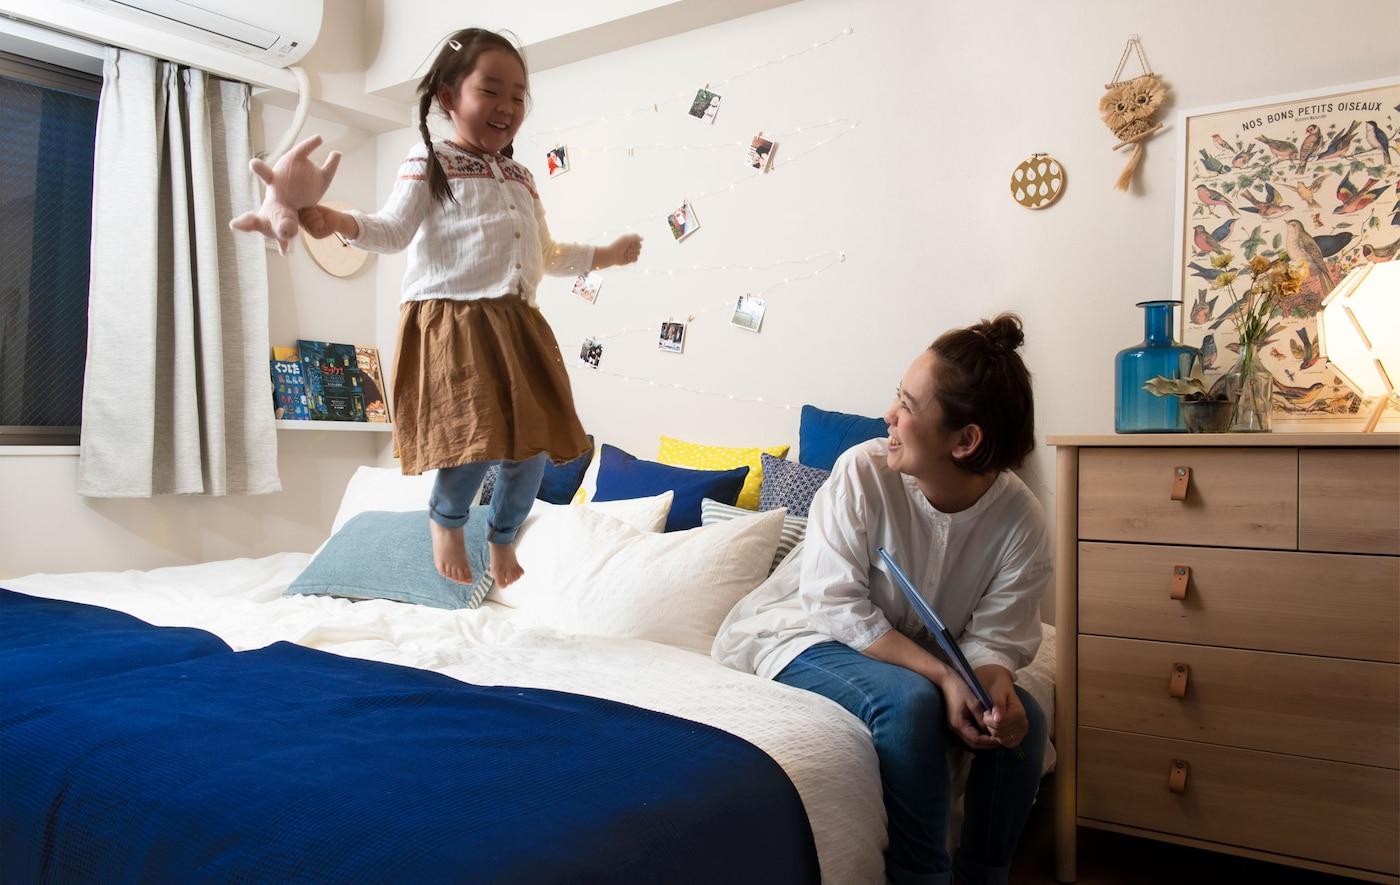 Donna seduta e bambina in piedi sul letto in una camera da letto bianca con mensola appesa al muro - IKEA